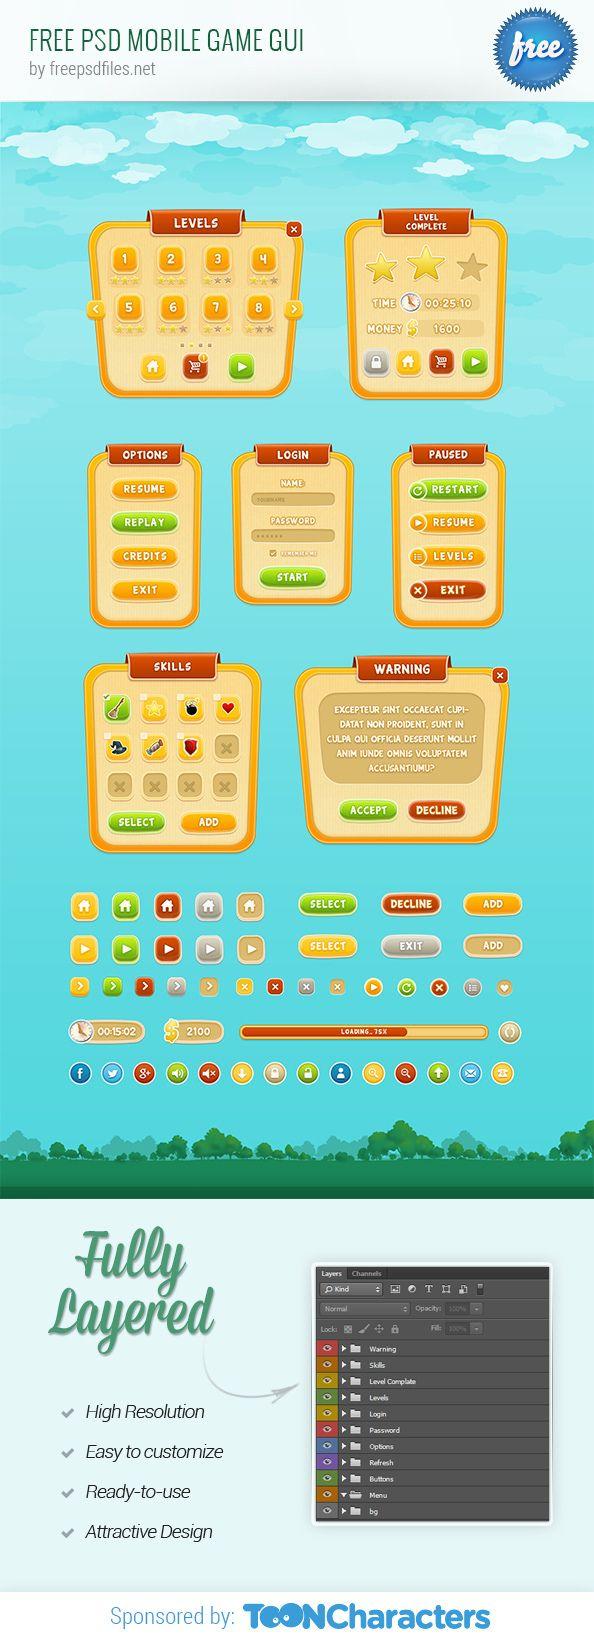 Free Psd Mobile Game Gui Http Ispotdesign Com Free